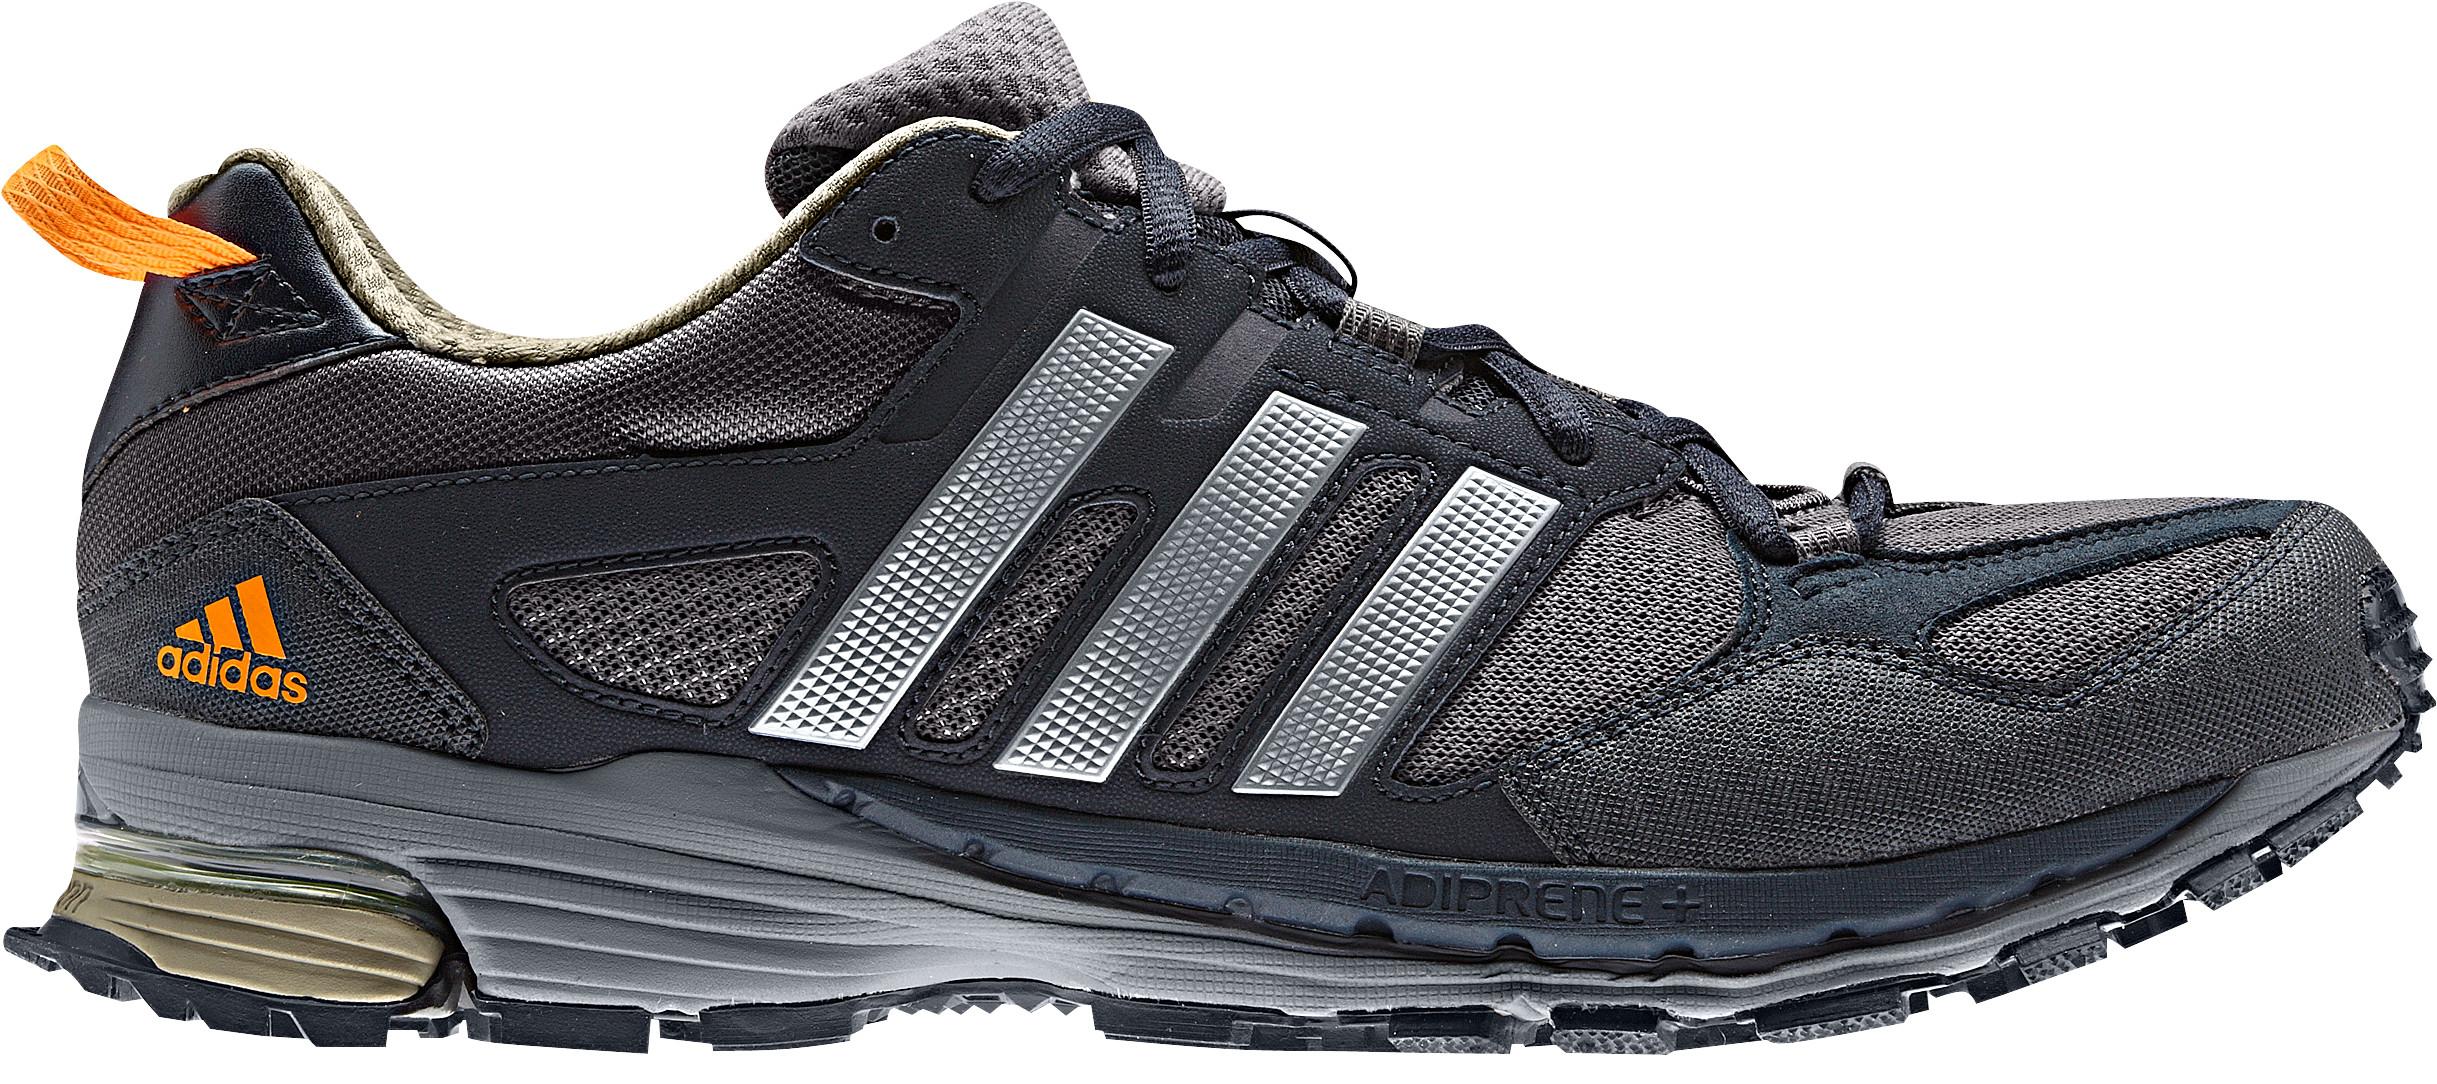 info for 22df3 ef226 Chaussures de Running adidas running SUPERNOVA RIOT 5M Gris